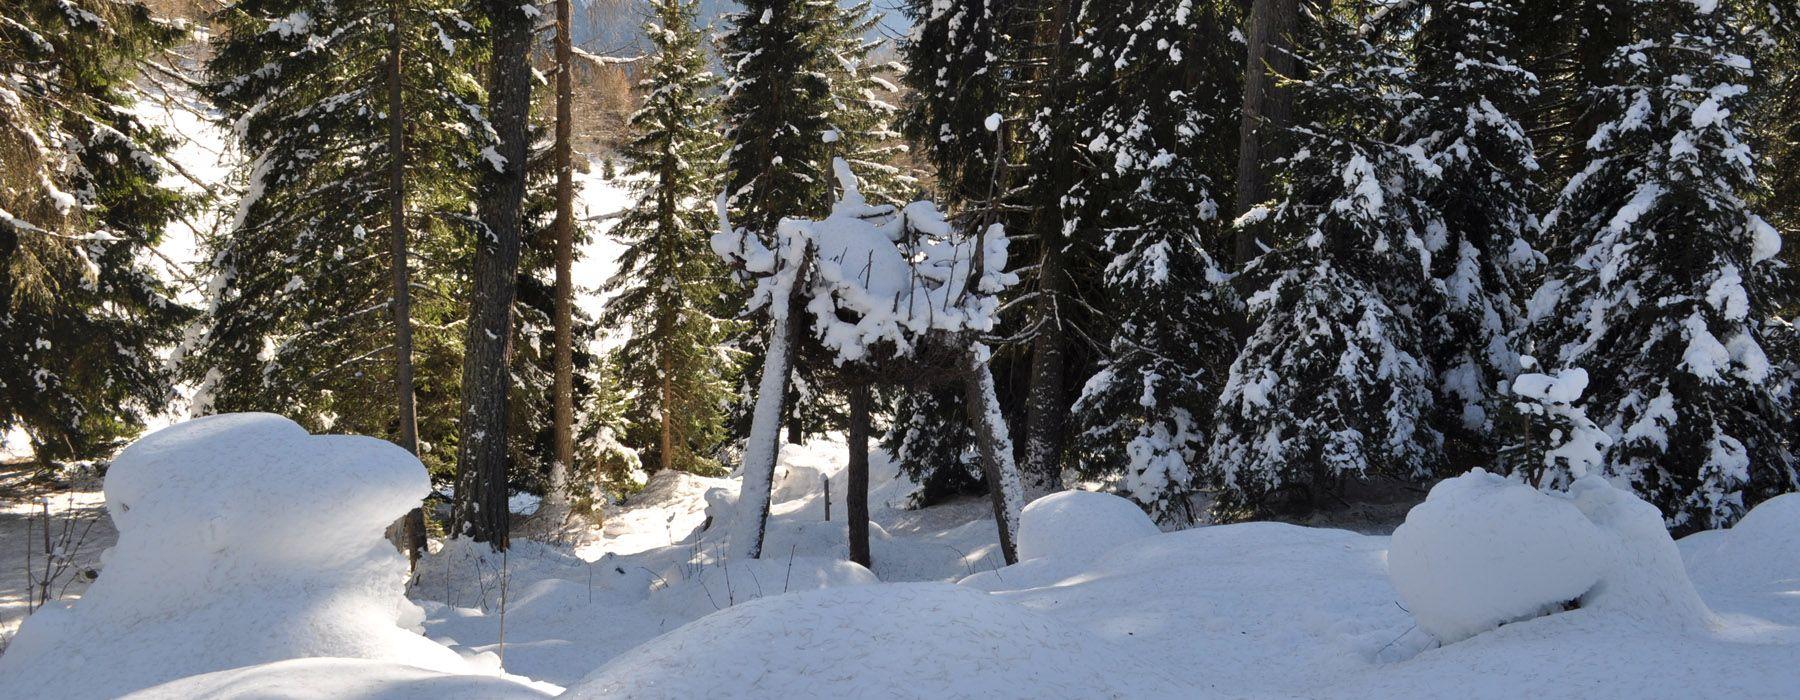 foresta-dei-draghi-in-inverno-predazzo-val-di-fiemme-trentino